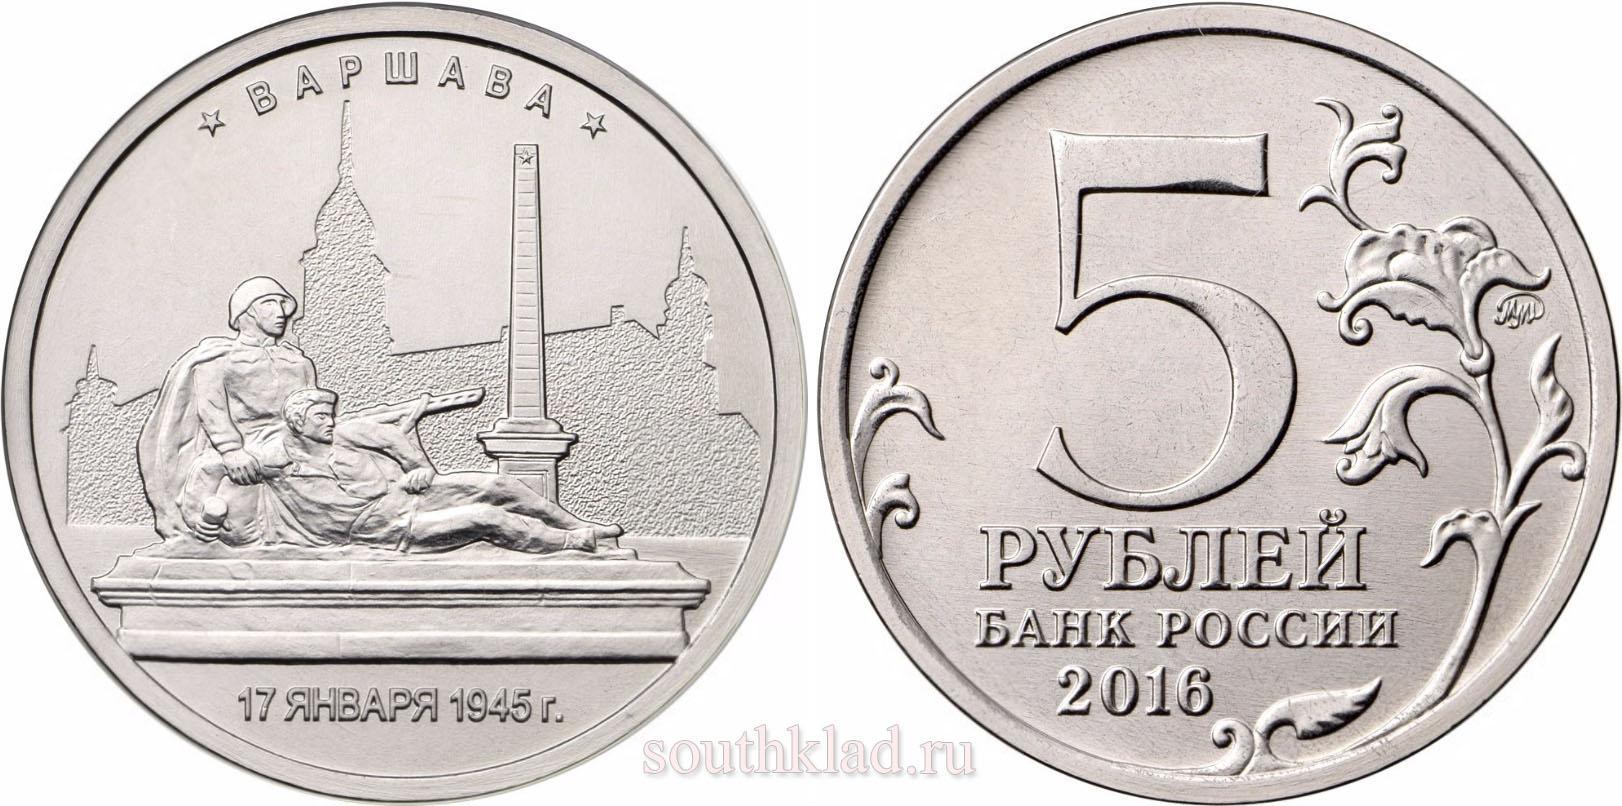 5 рублей 2016 года Варшава. 17.01.1945 г.